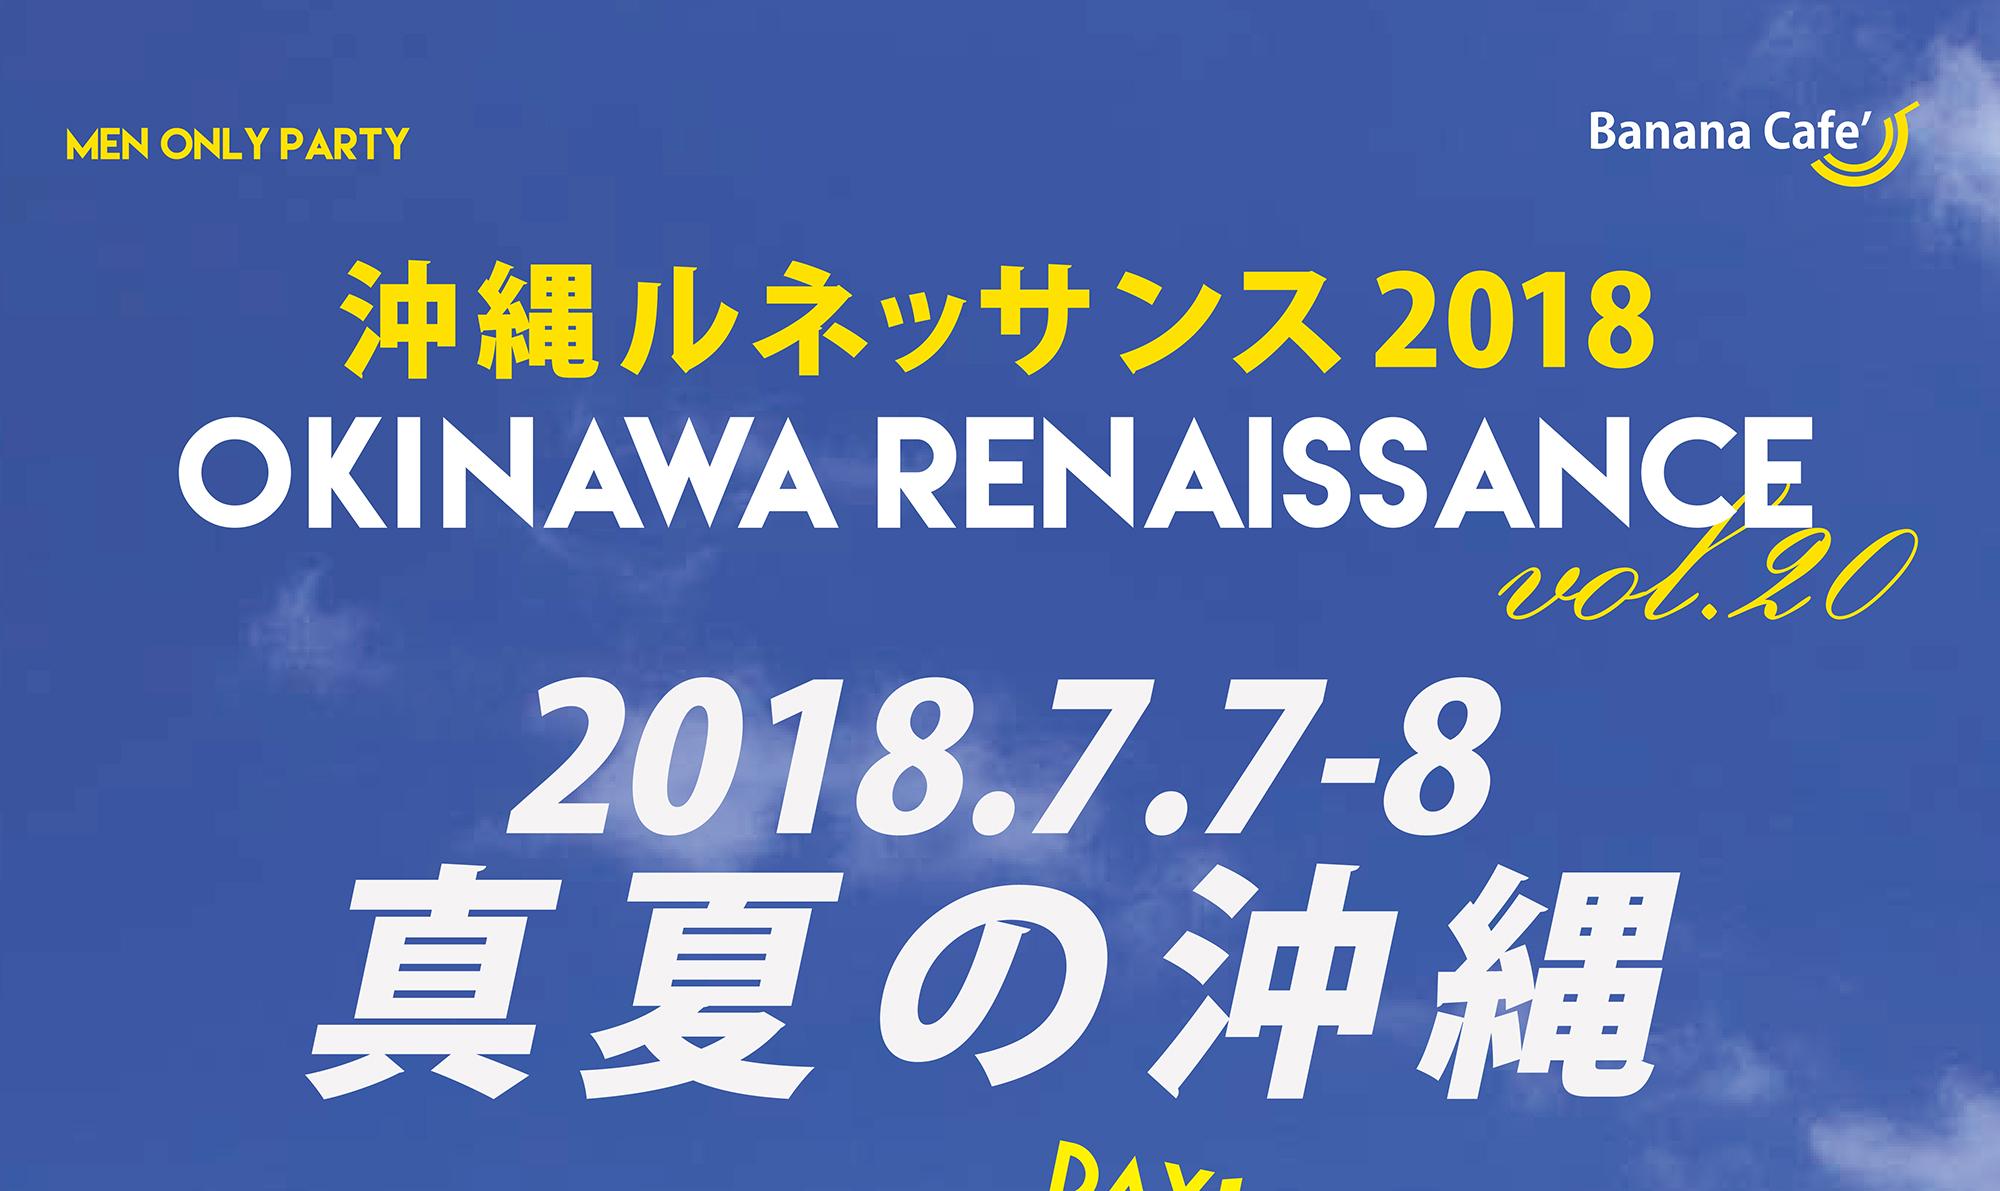 2018年 沖縄ルネッサンス VOL.20